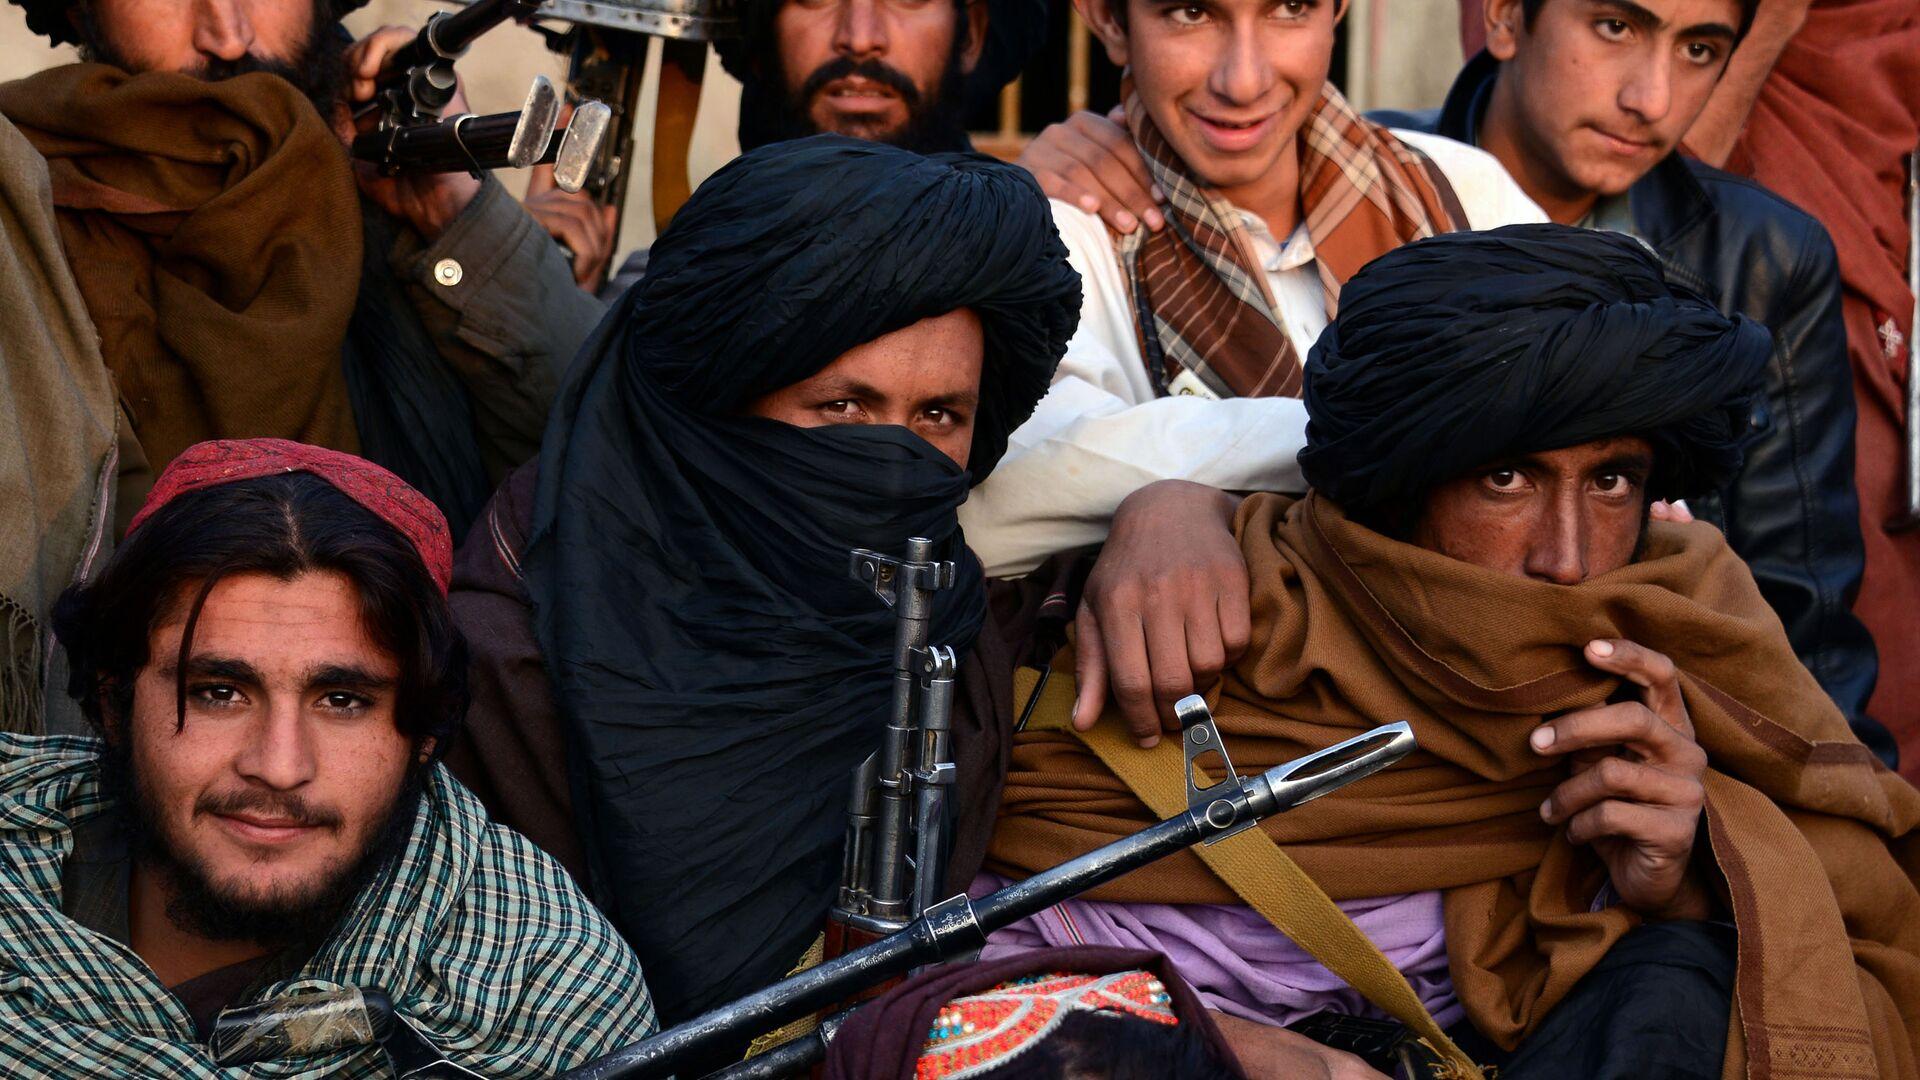 Członkowie organizacji Taliban w prowincji Farah, Afganistan. Zdjęcie archiwalne - Sputnik Polska, 1920, 24.09.2021